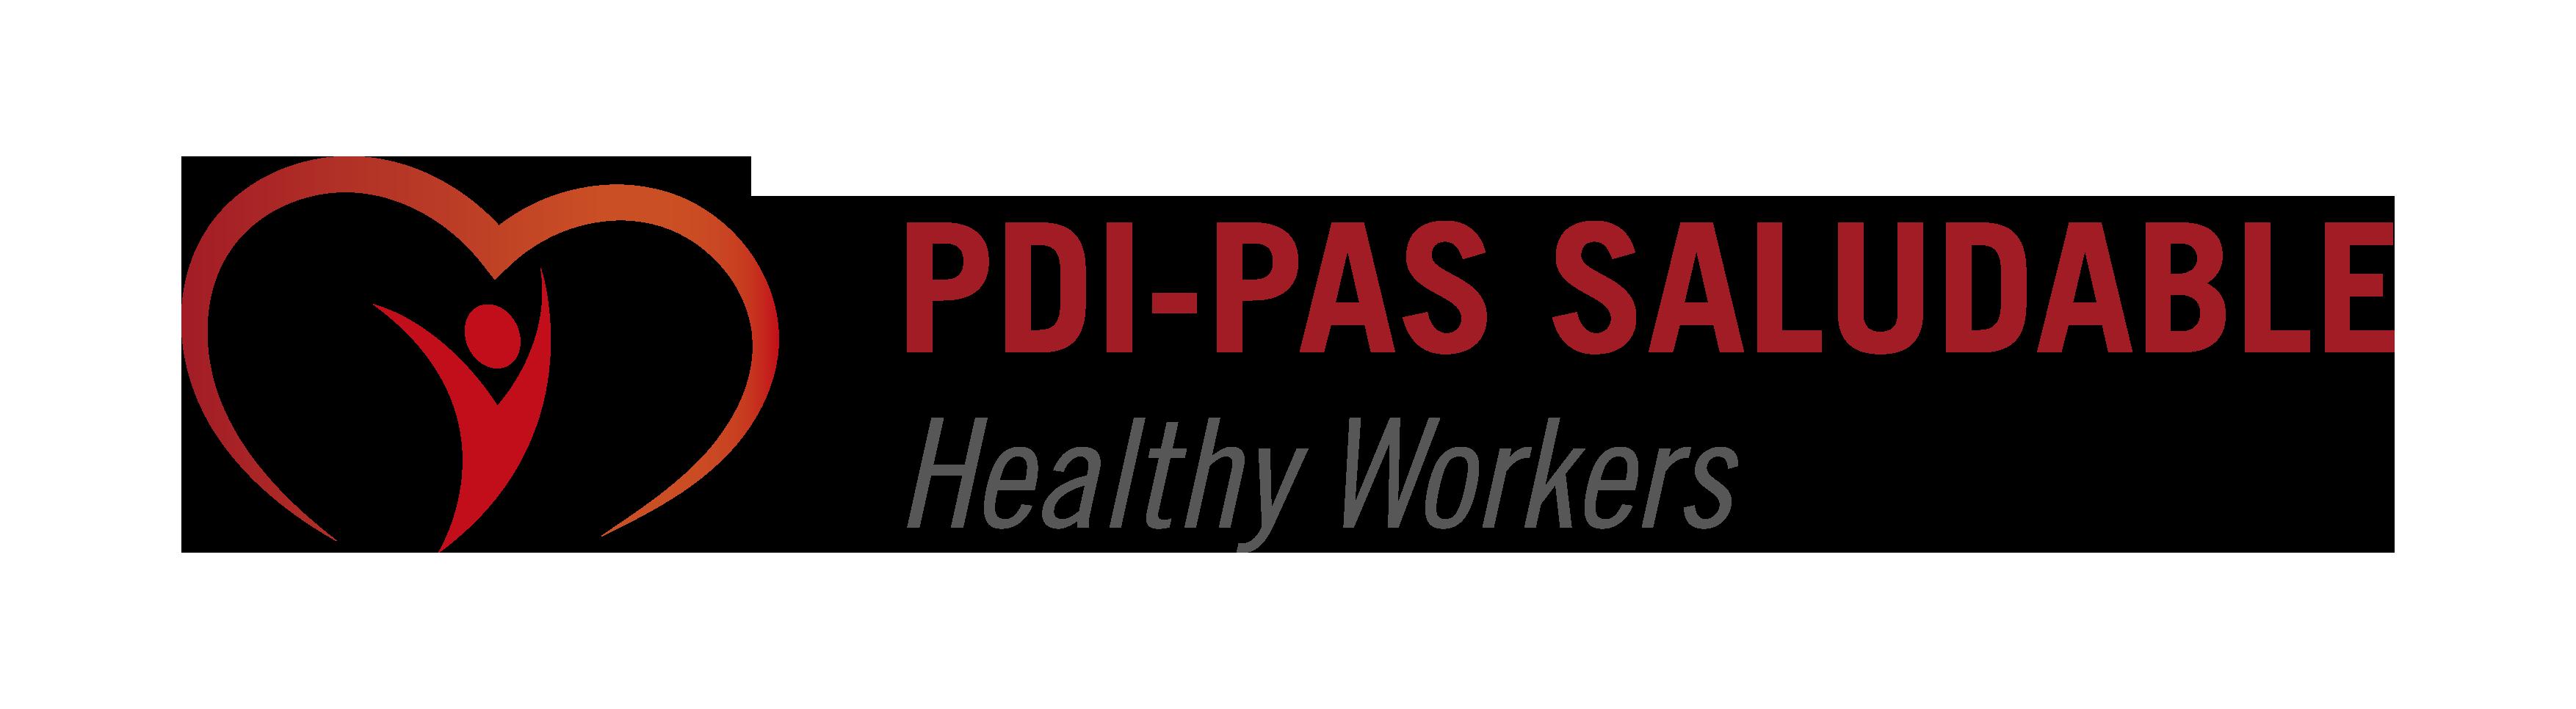 PDI-PAS SALUDABLE